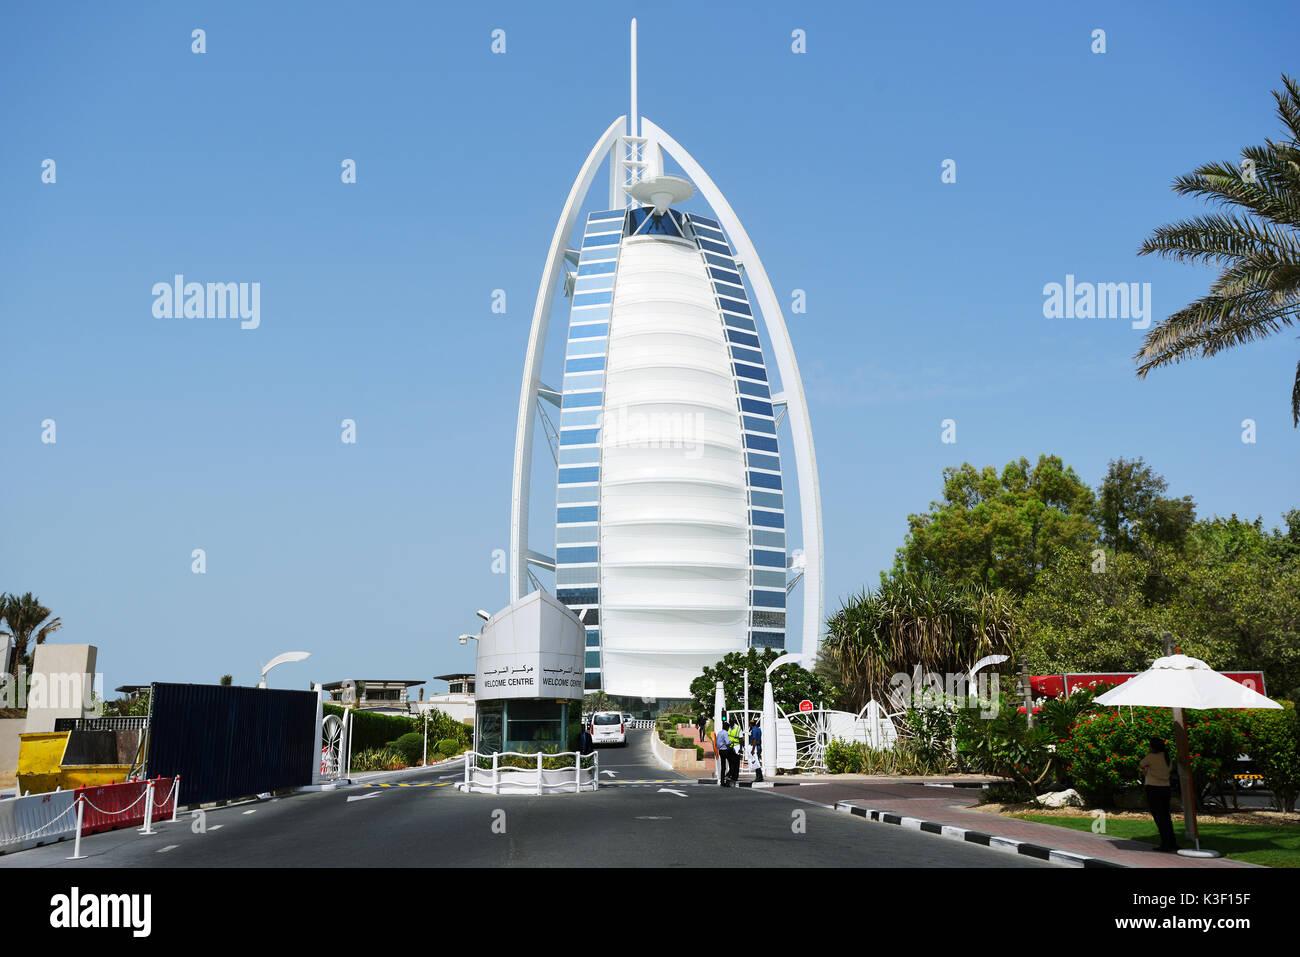 The Burj al Arab Hotel in Dubai - Stock Image